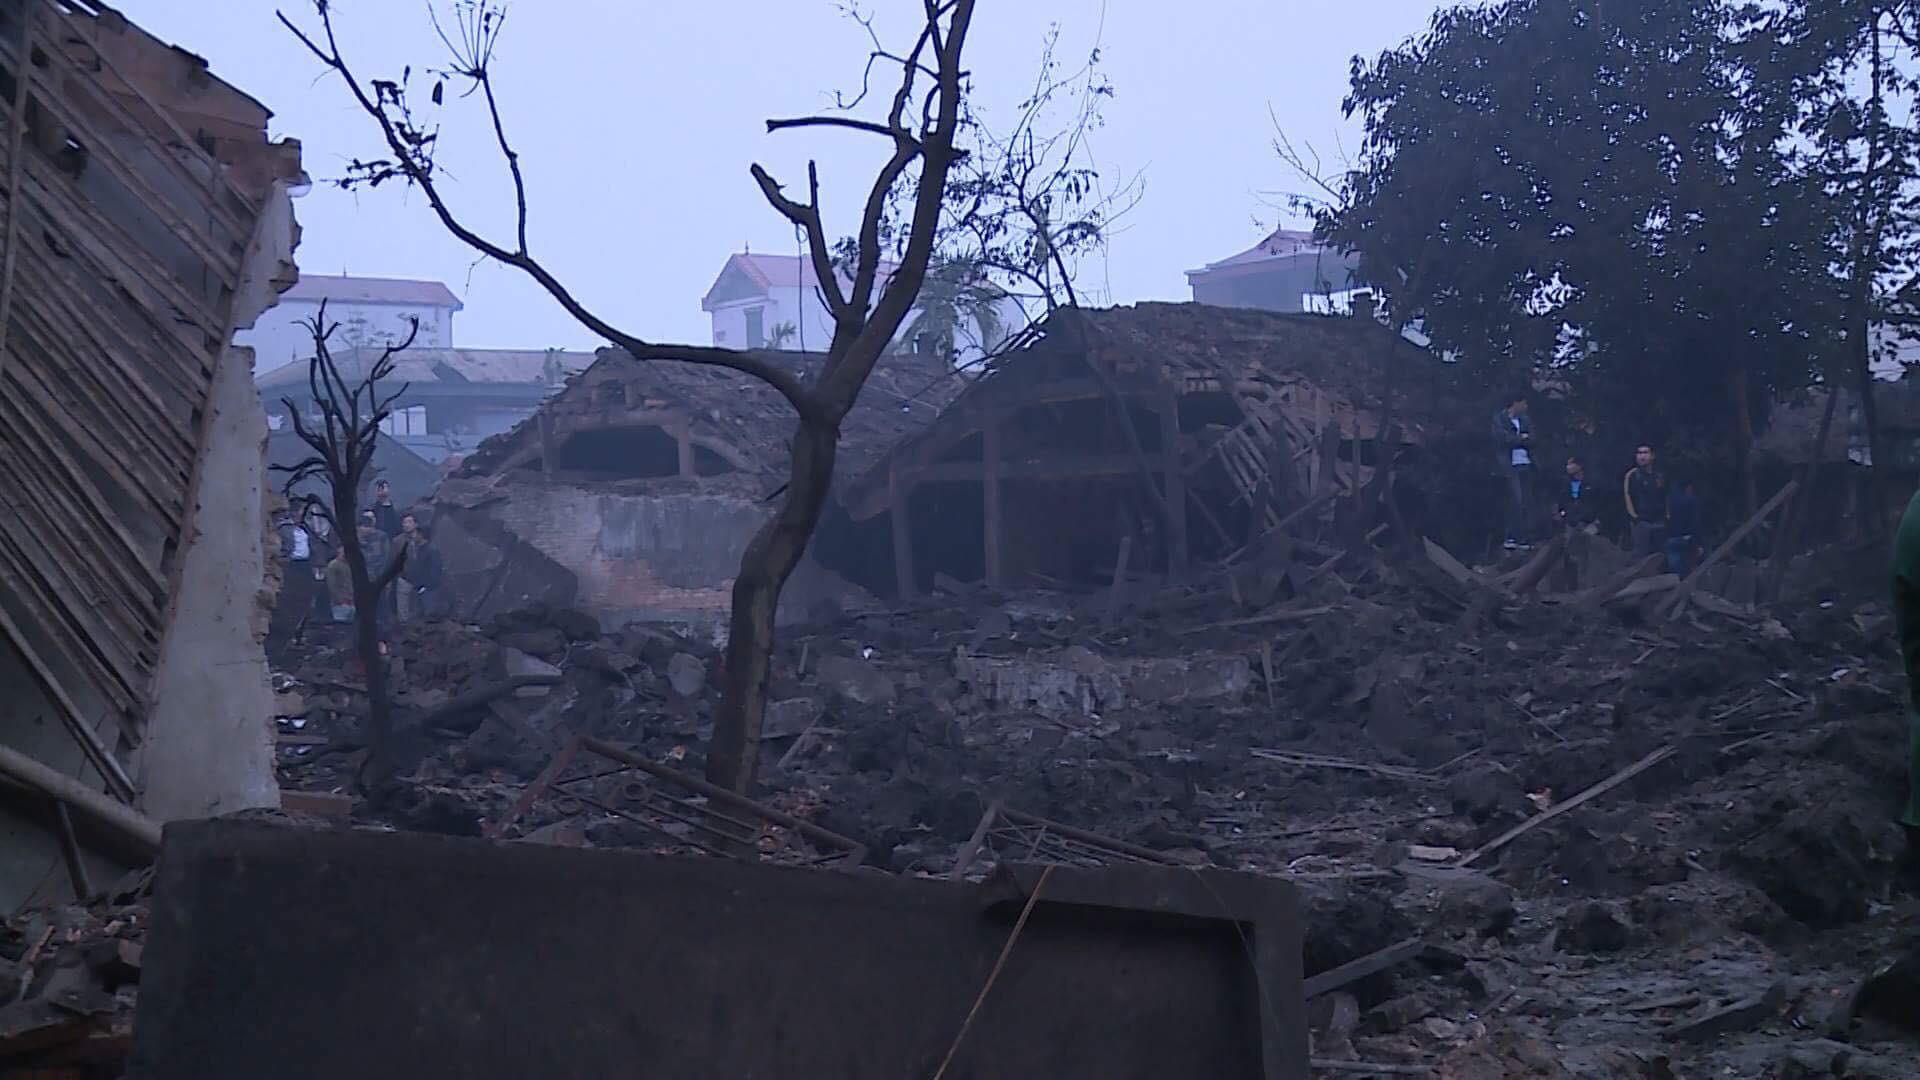 Nổ kinh hoàng ở Bắc Ninh lúc rạng sáng khiến 2 cháu bé tử vong, nhiều ngôi nhà bị san phẳng - Ảnh 2.